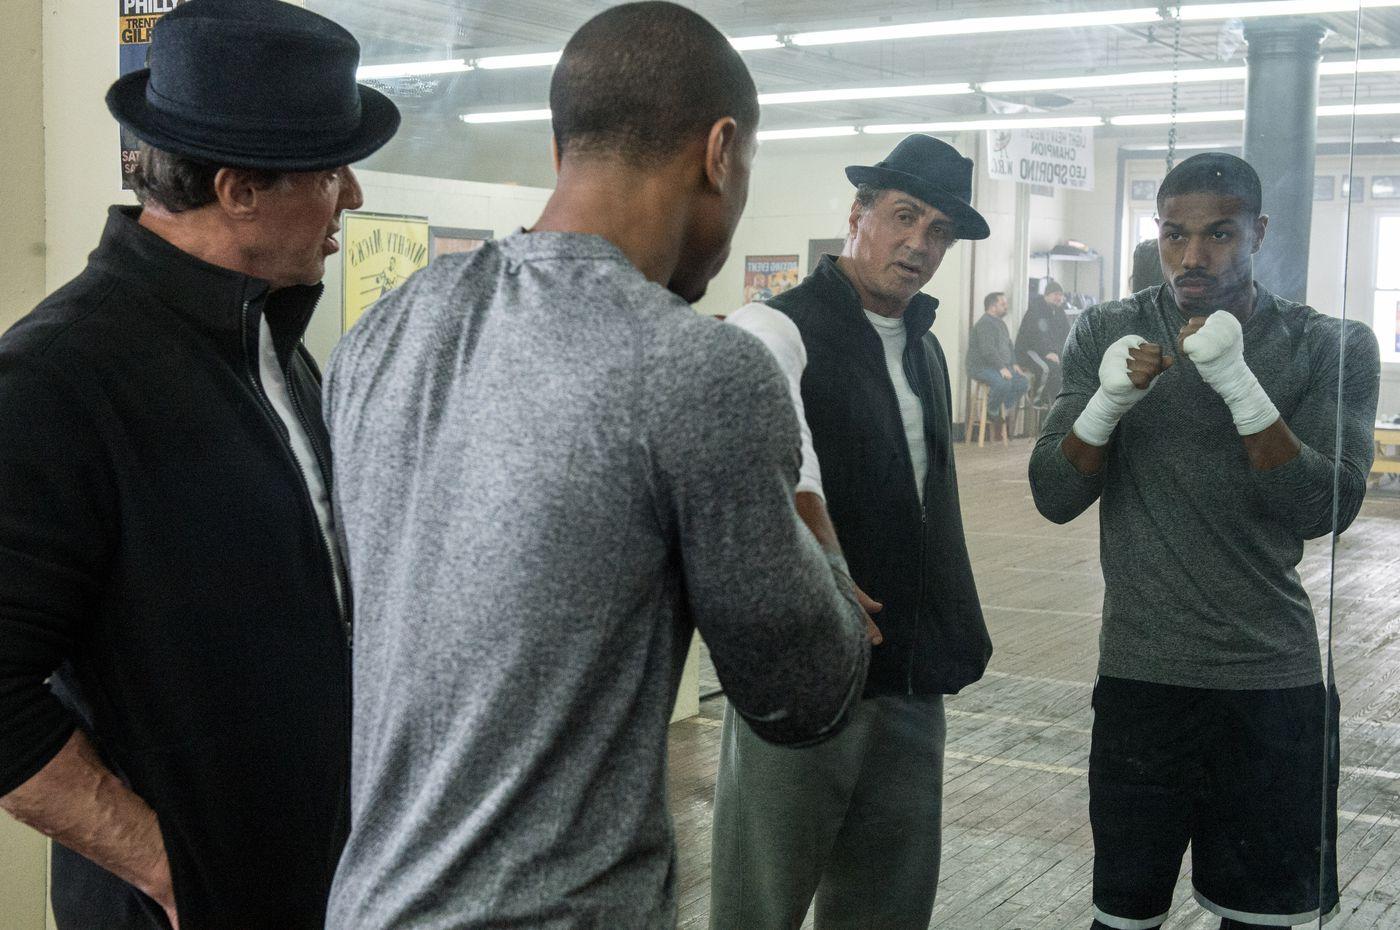 รีวิว: Creed ส่งต่อคบเพลิง Rocky และยึดวิญญาณดั้งเดิม